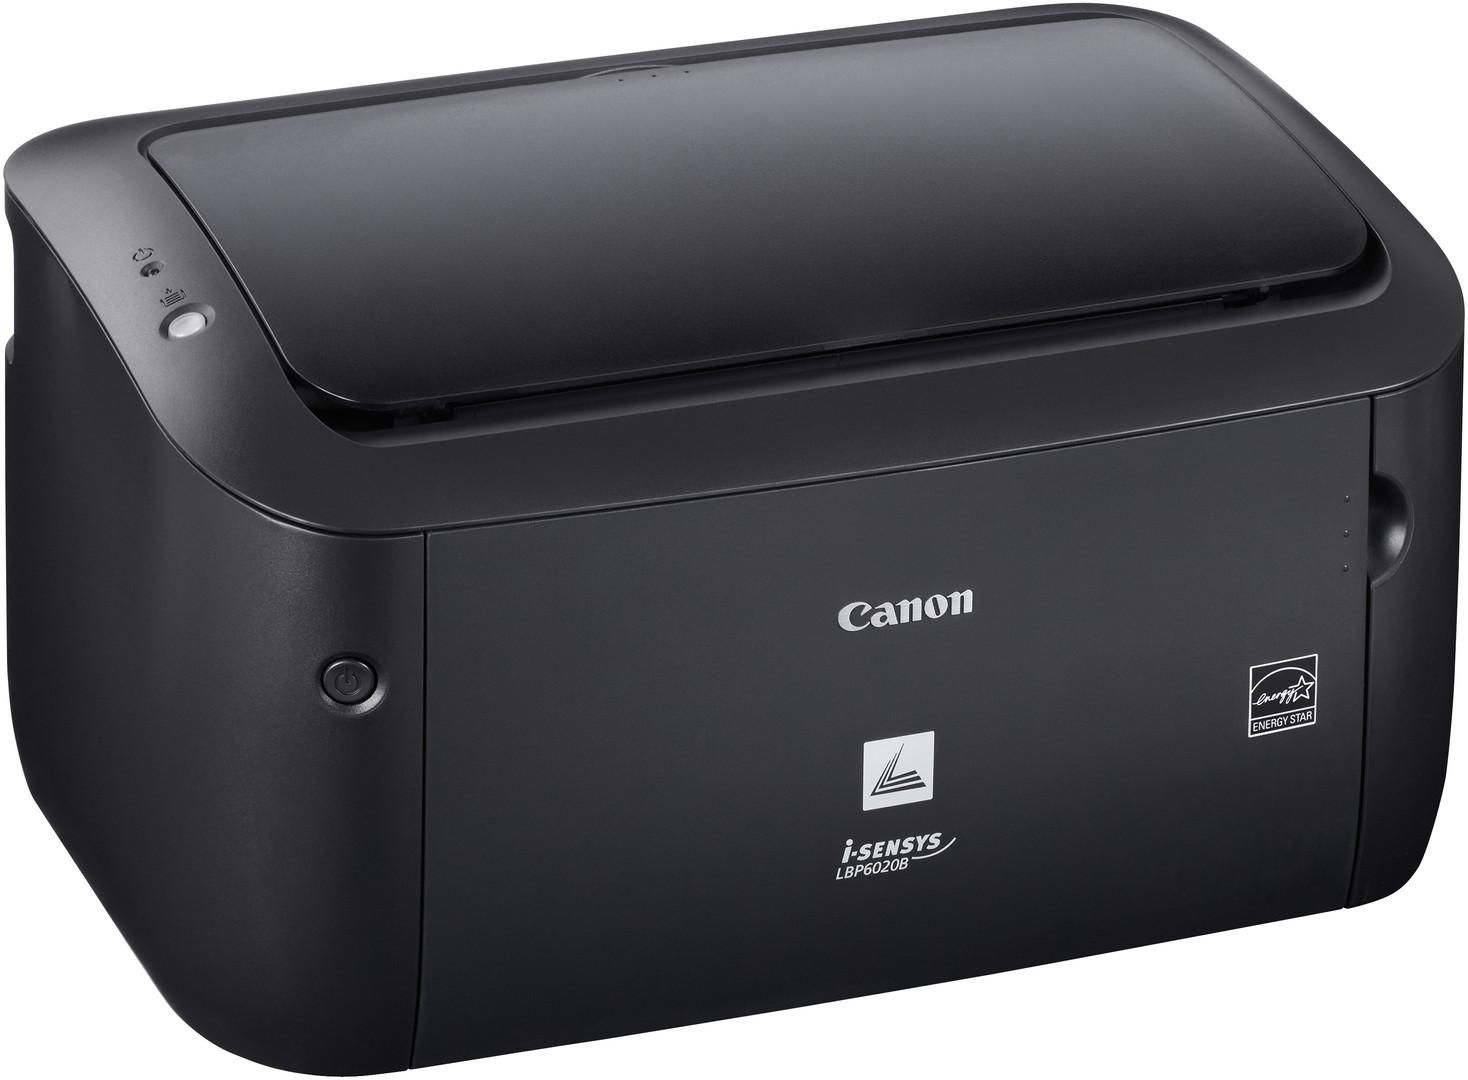 Скачать драйвер принтера Canon i-SENSYS LBP6020